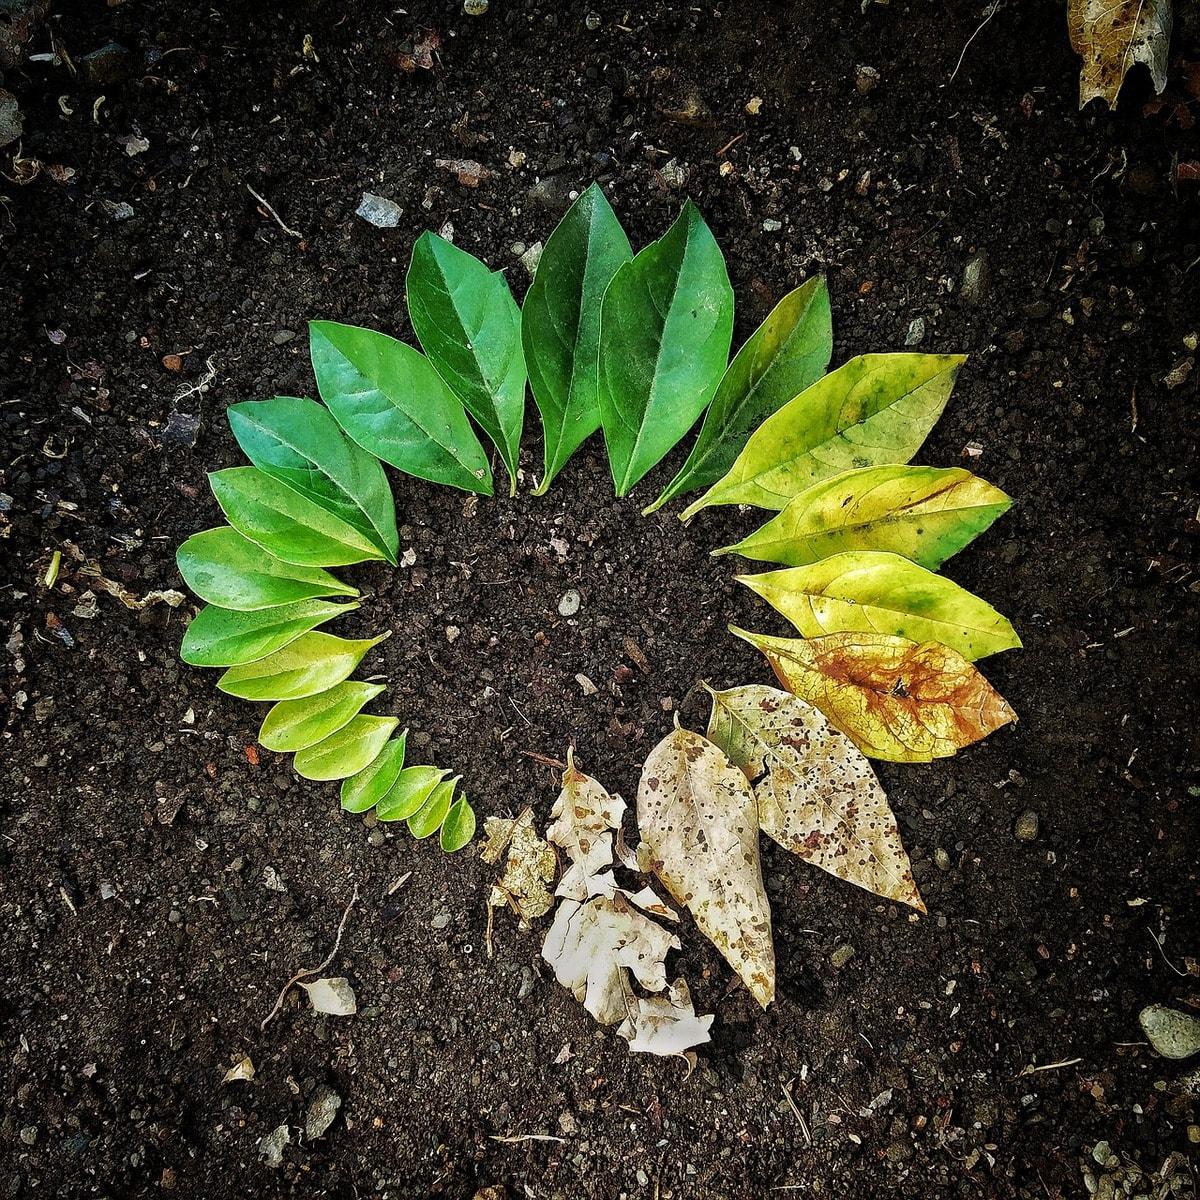 leaf-3341897_1280